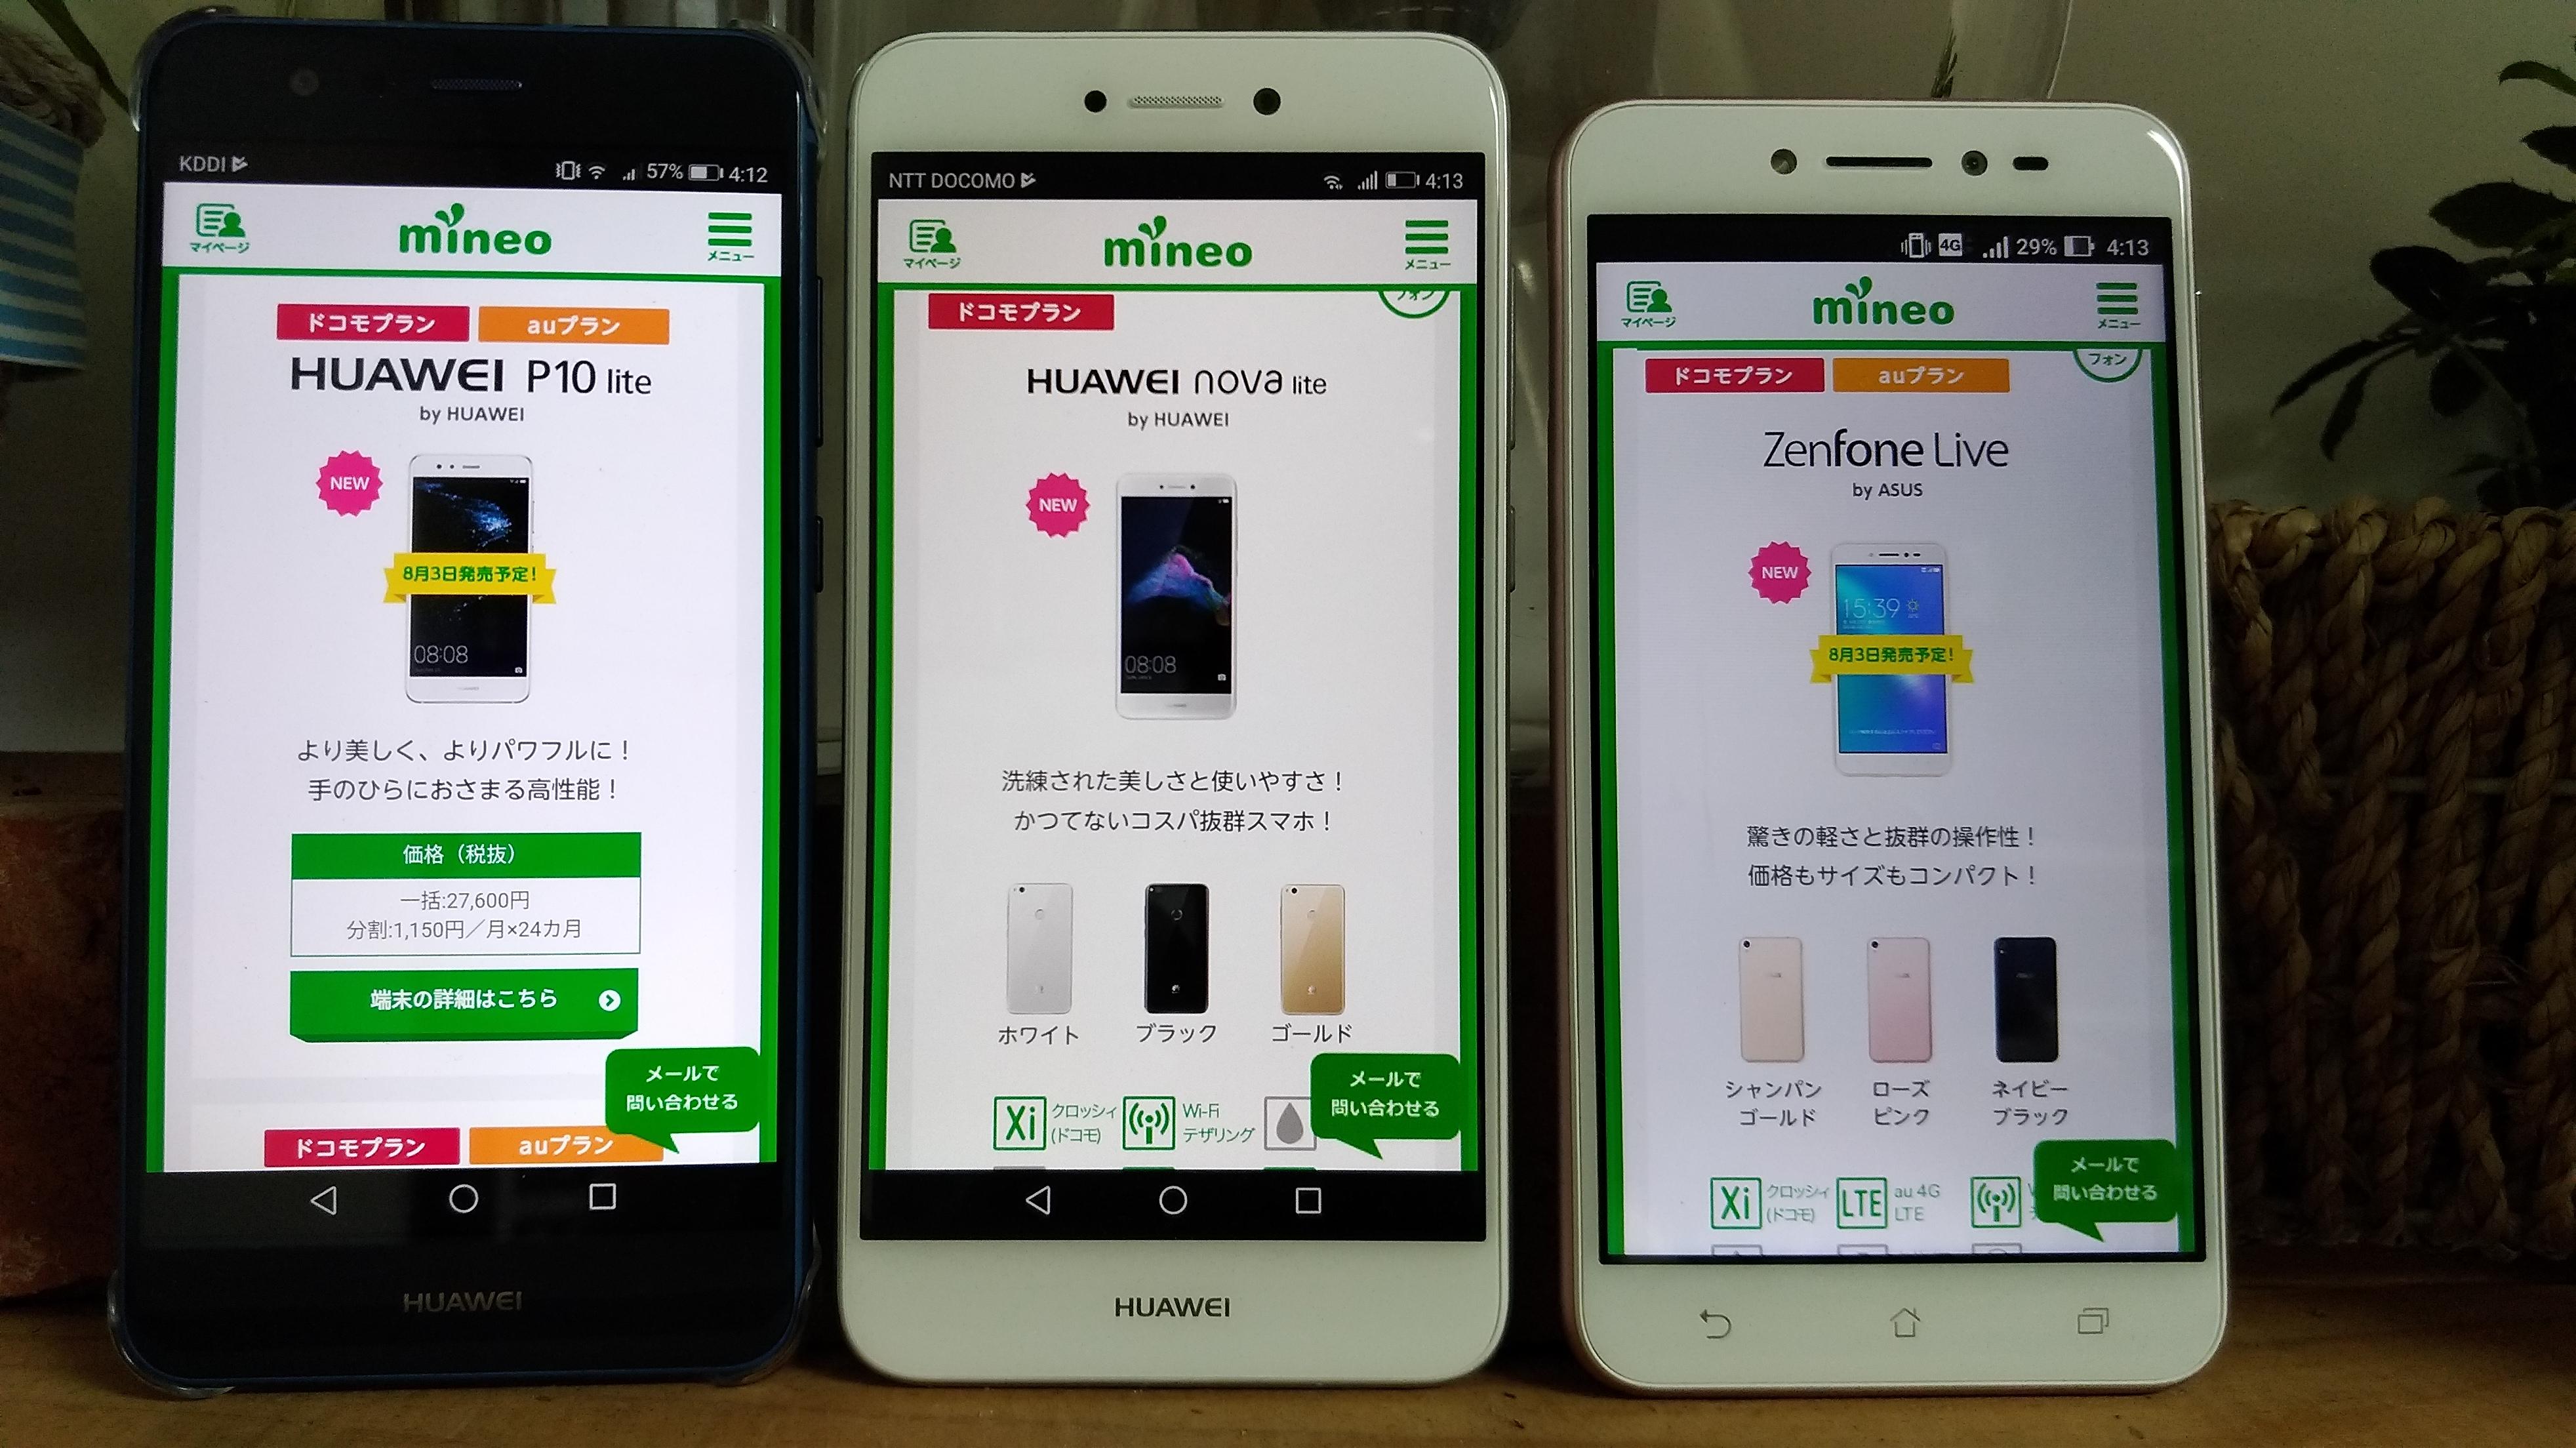 HUAWEI P10、HUAWEI nova lite、ZenFone Live